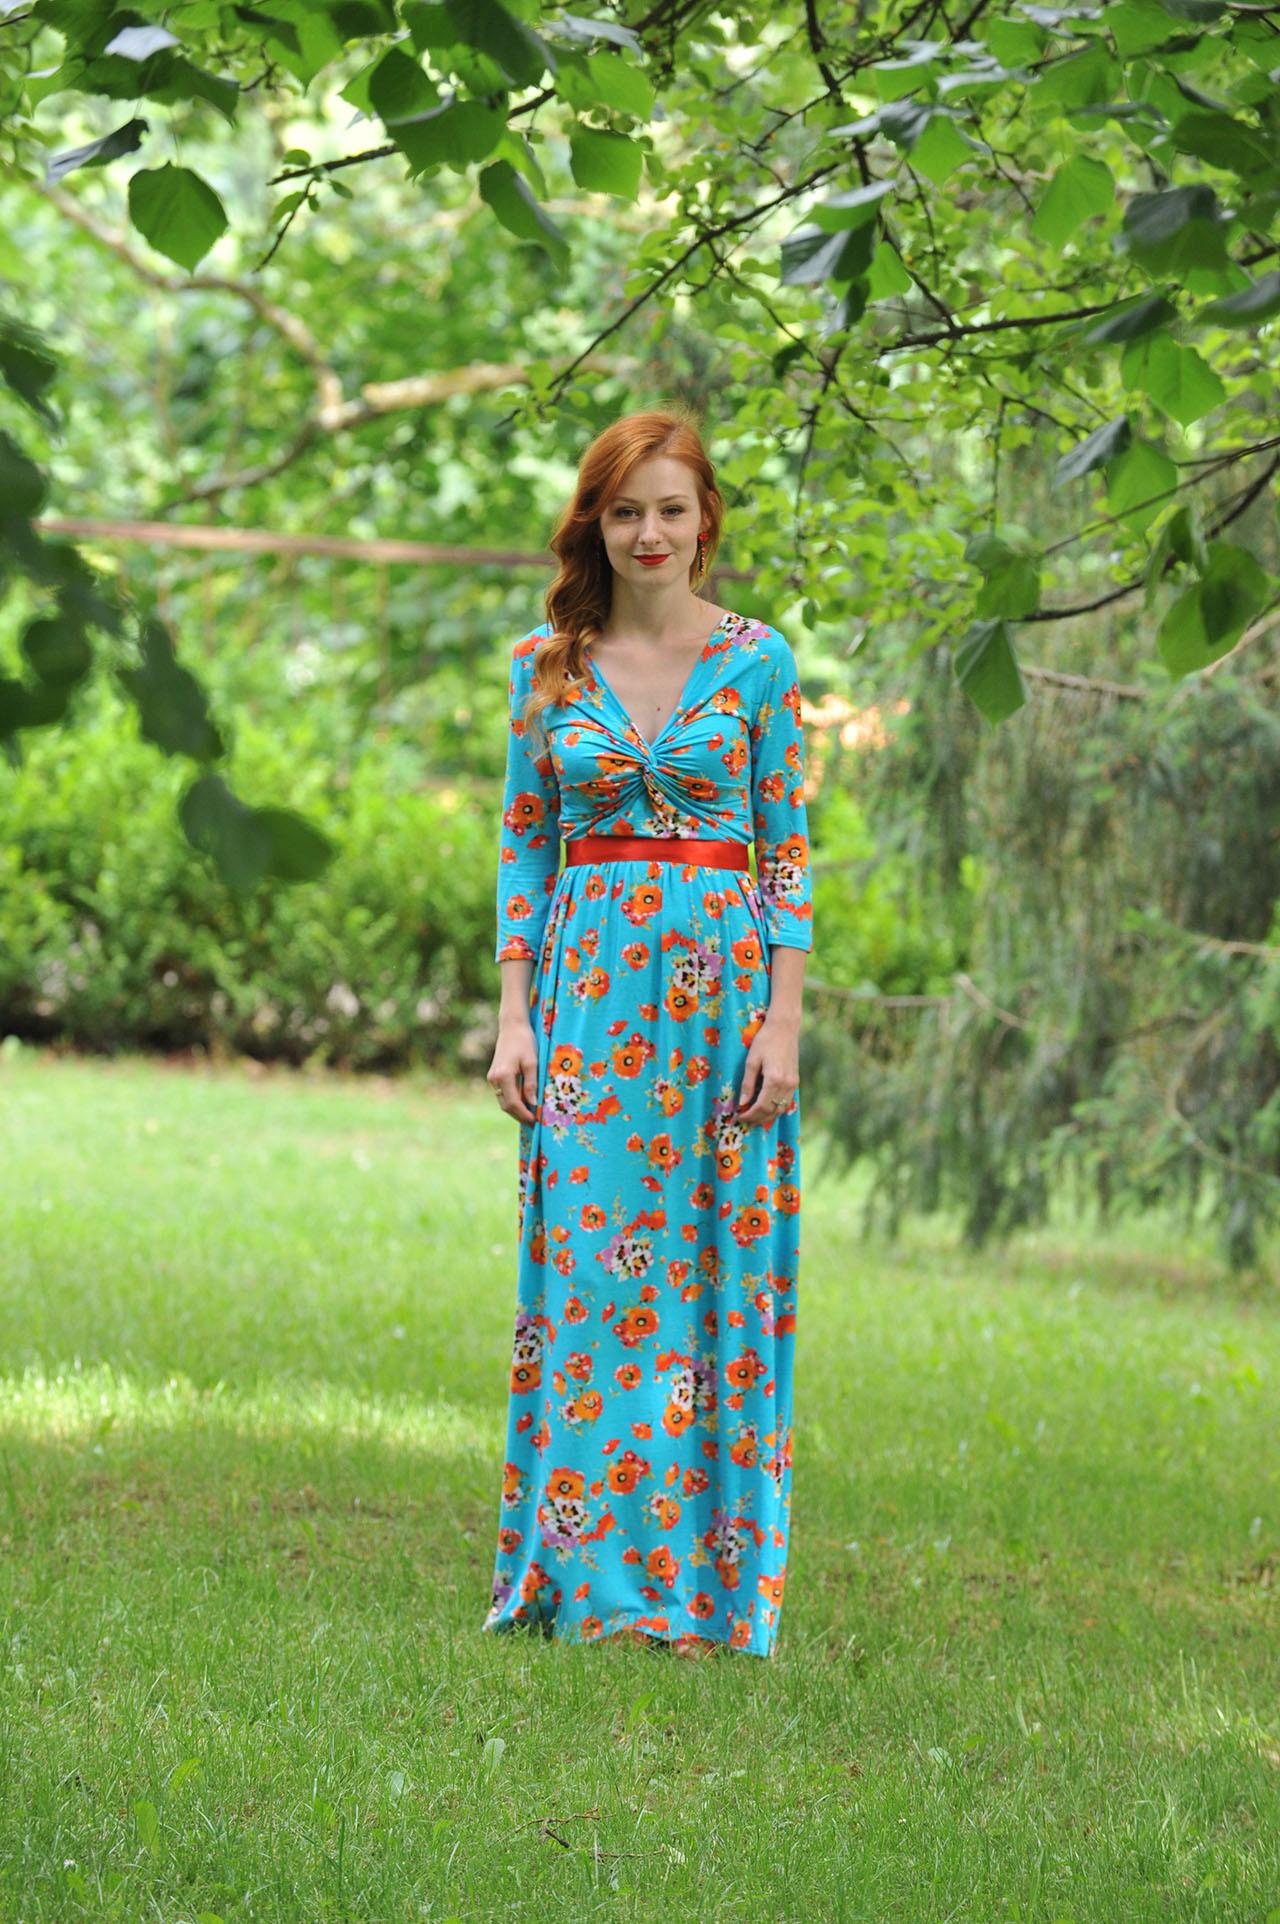 Dlouhé šaty Anett Princess - makové   Zboží prodejce INDIVA  2d2c2b1349